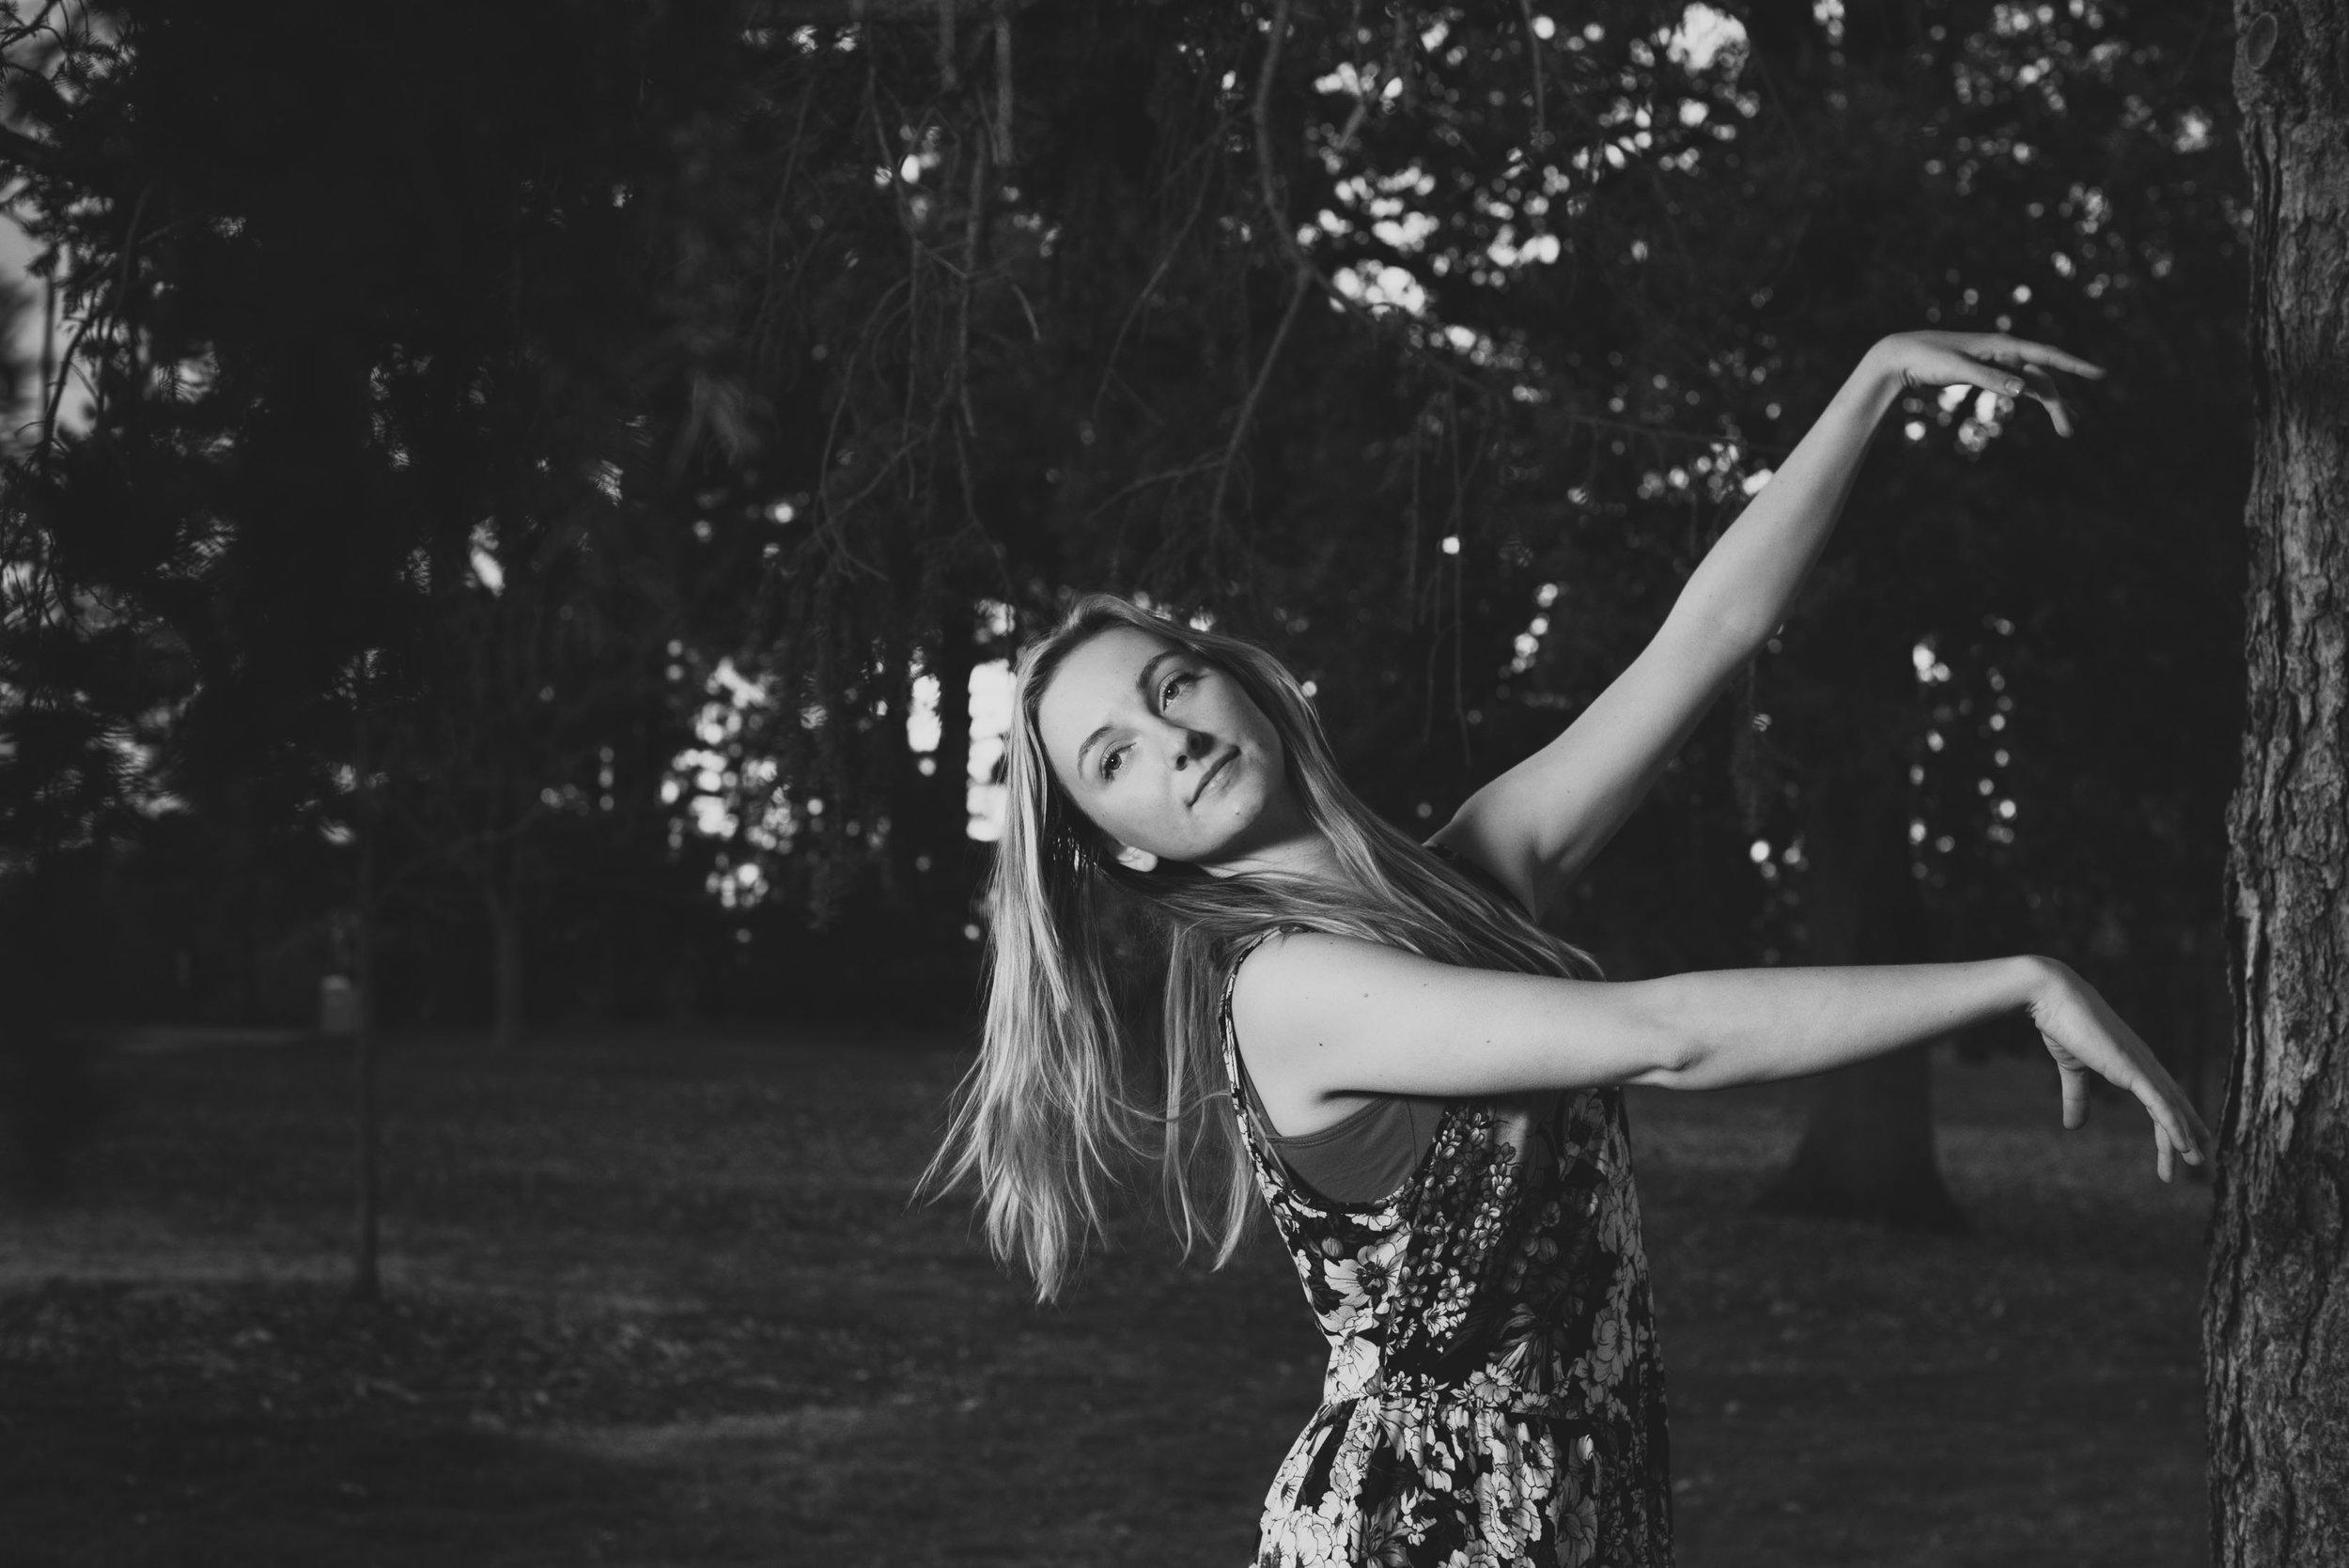 denver-dance-photographer-ballet-photographer-chloe-2017-289.jpg